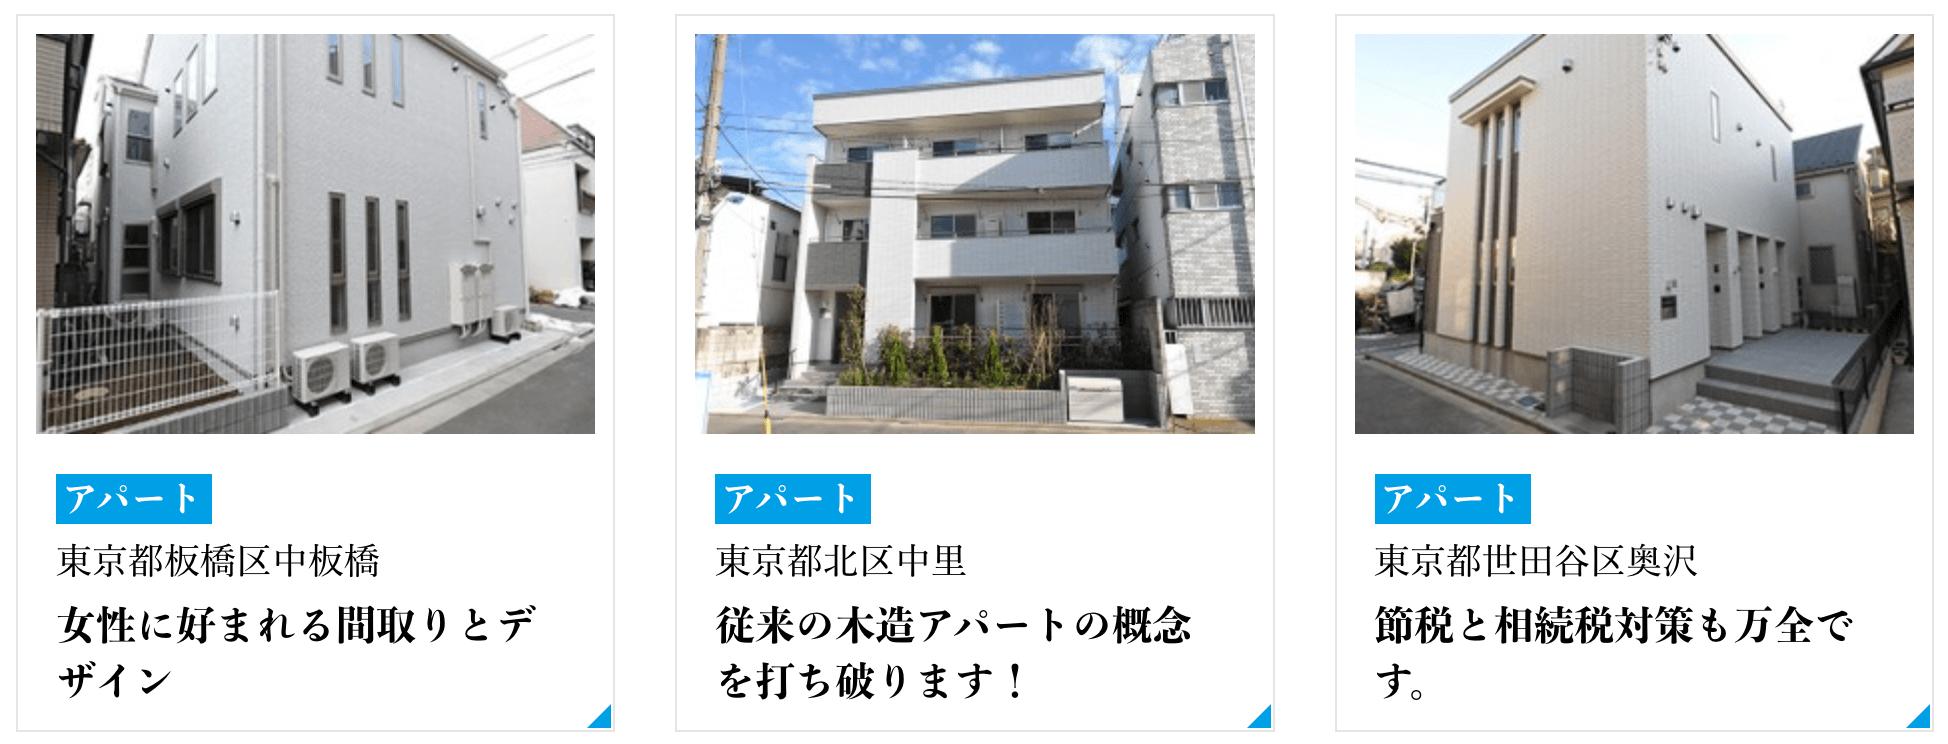 スクリーンショット 2017-01-31 15.42.34